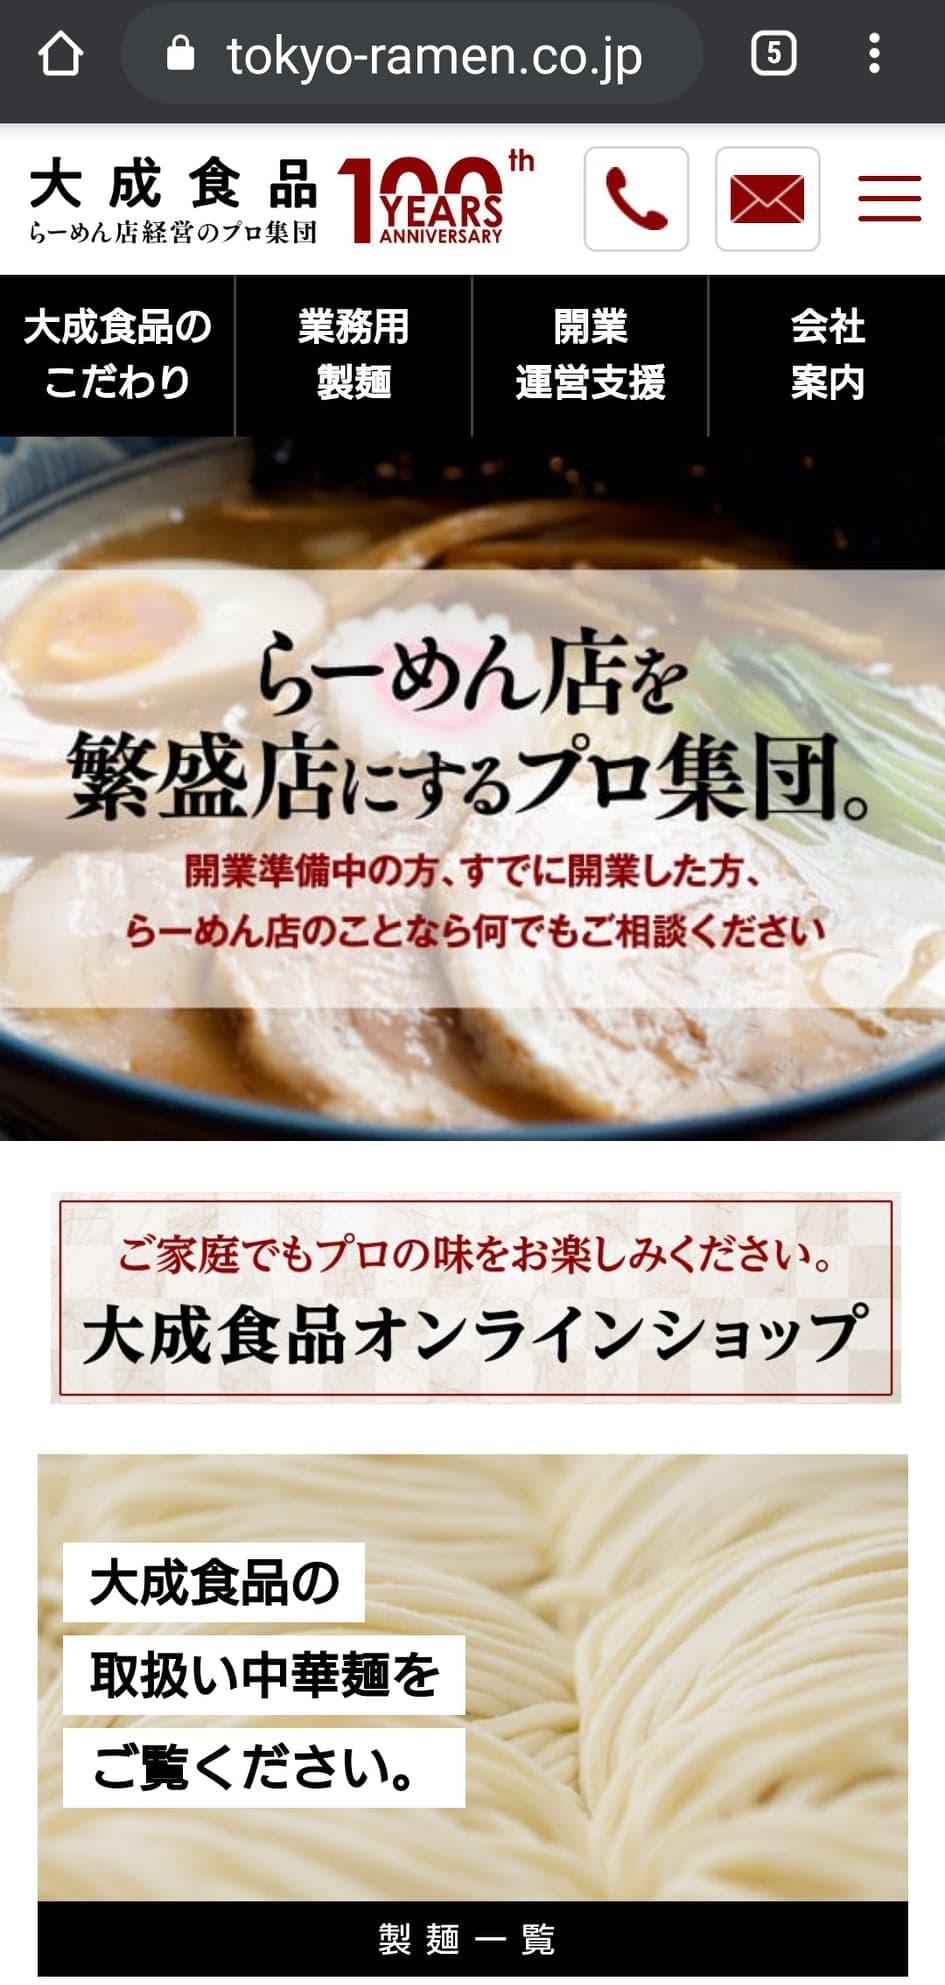 大成食品オンラインショップオープンhp画